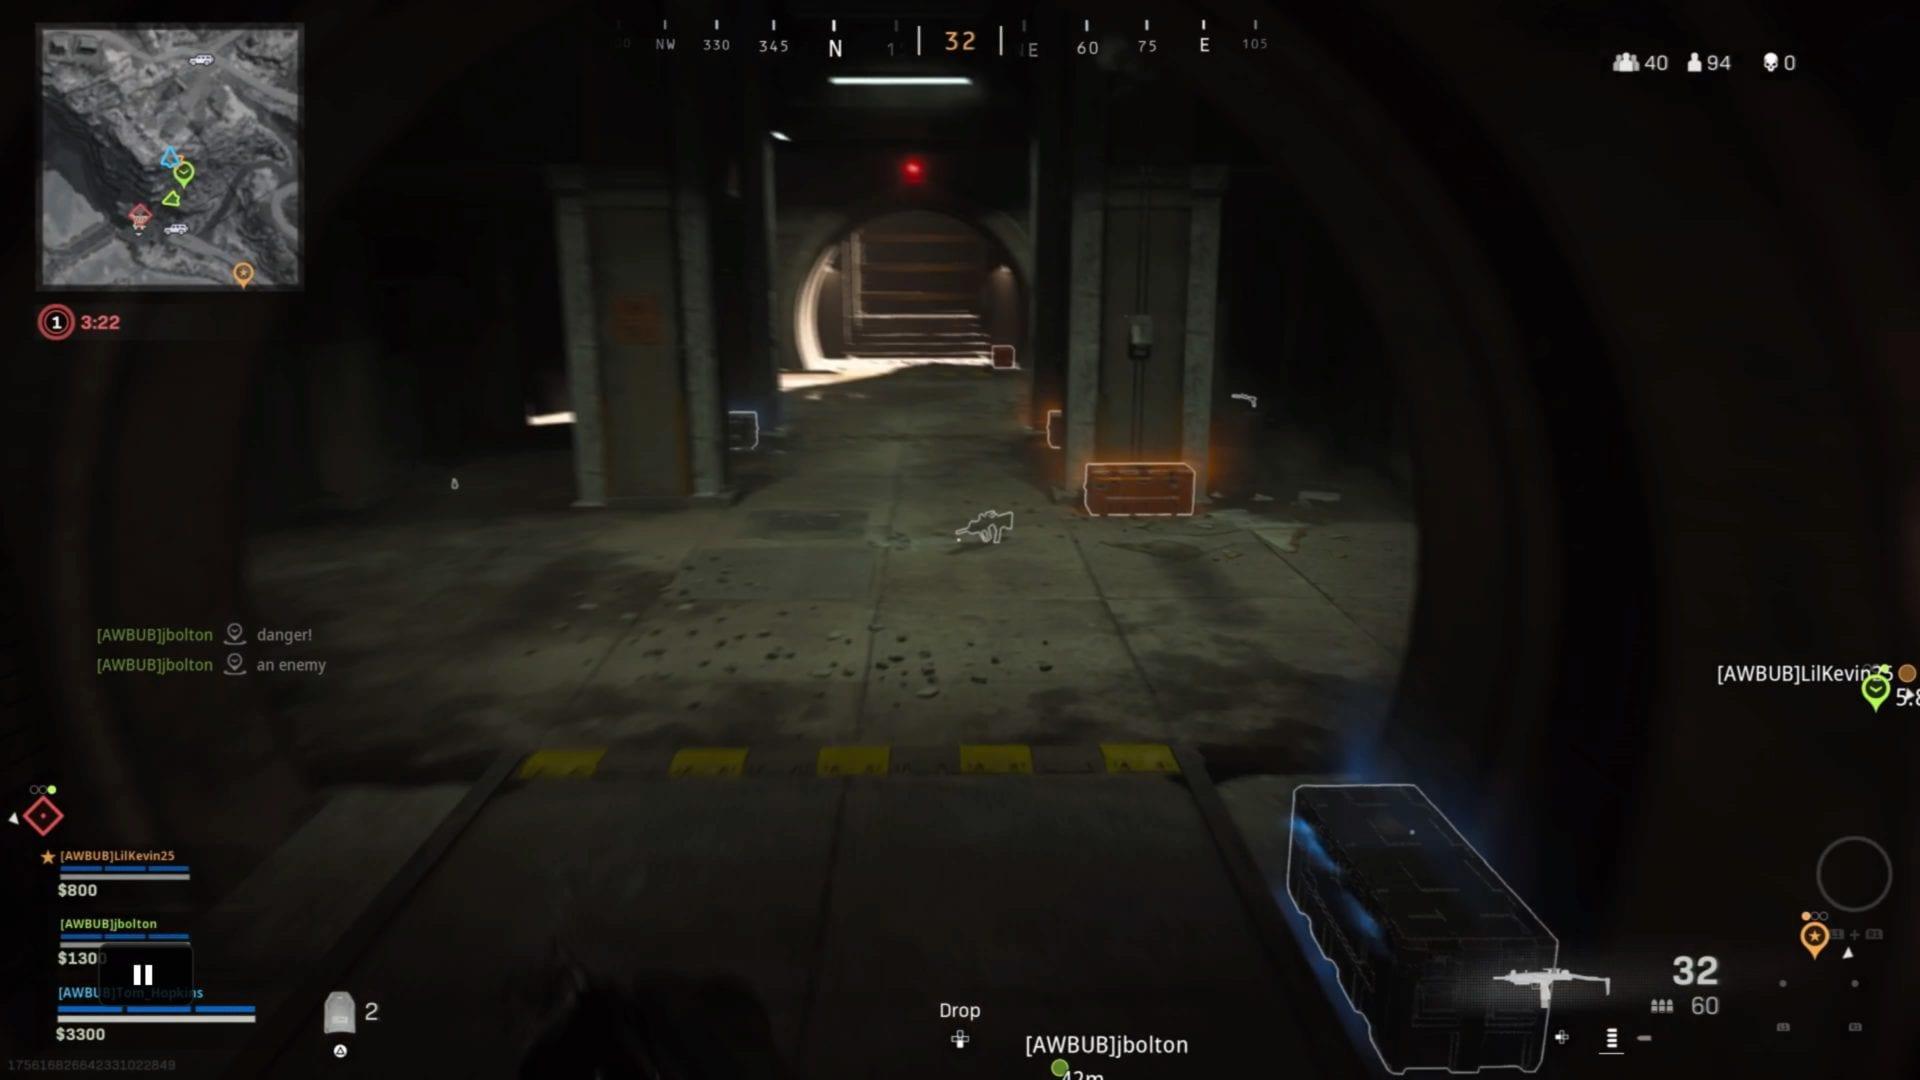 zona de guerra, tarjetas de acceso, bunkers abiertos